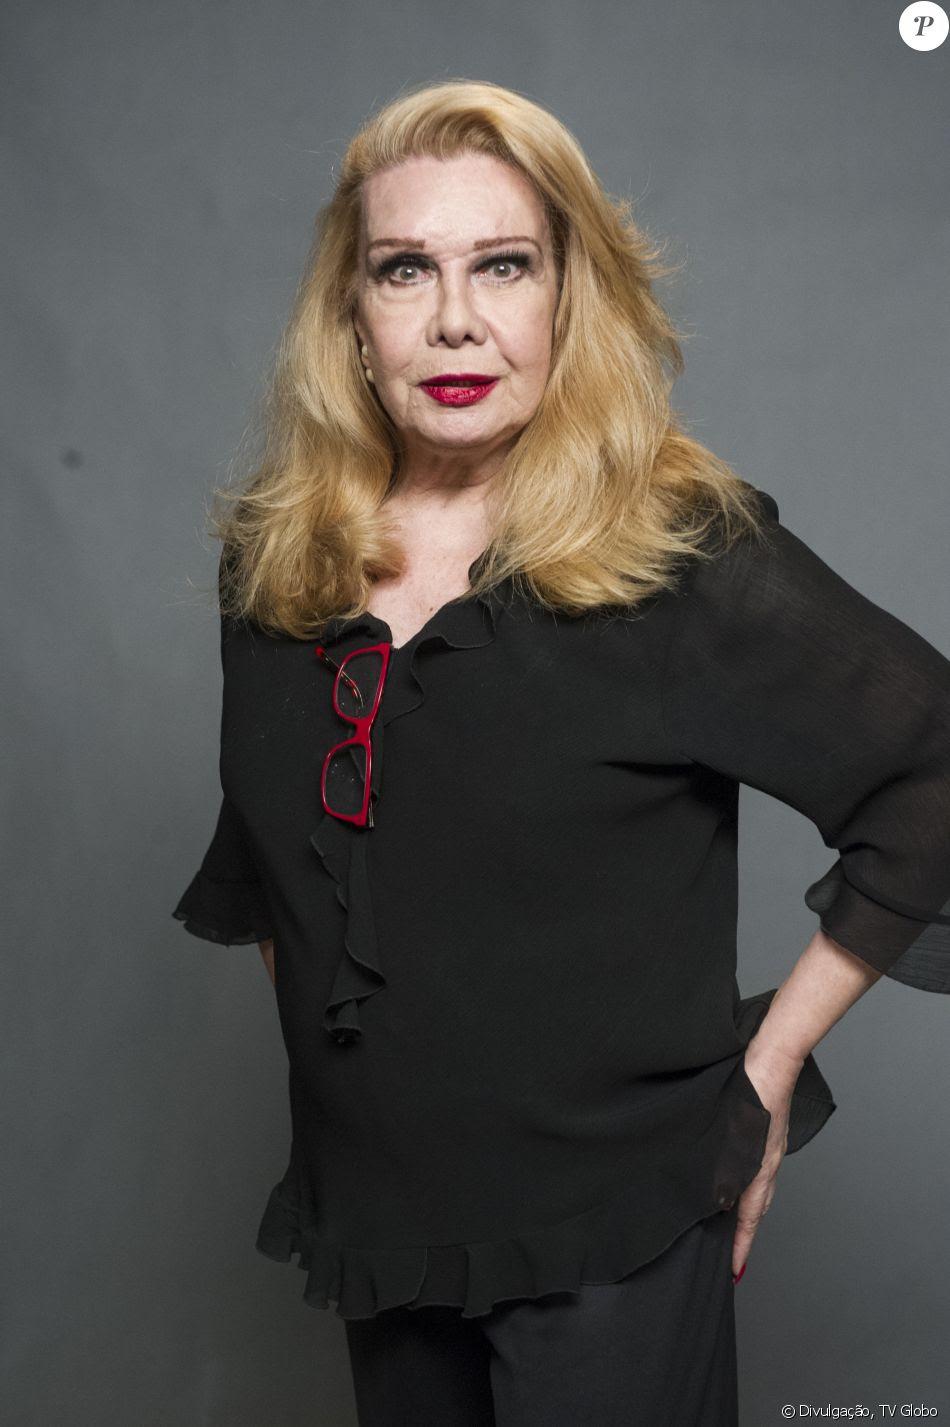 Rogéria morreu de complicações decorrentes de infecção urinária, aos 74 anos, em 5 de setembro. Atriz tinha enfrentado várias internações nos últimos meses